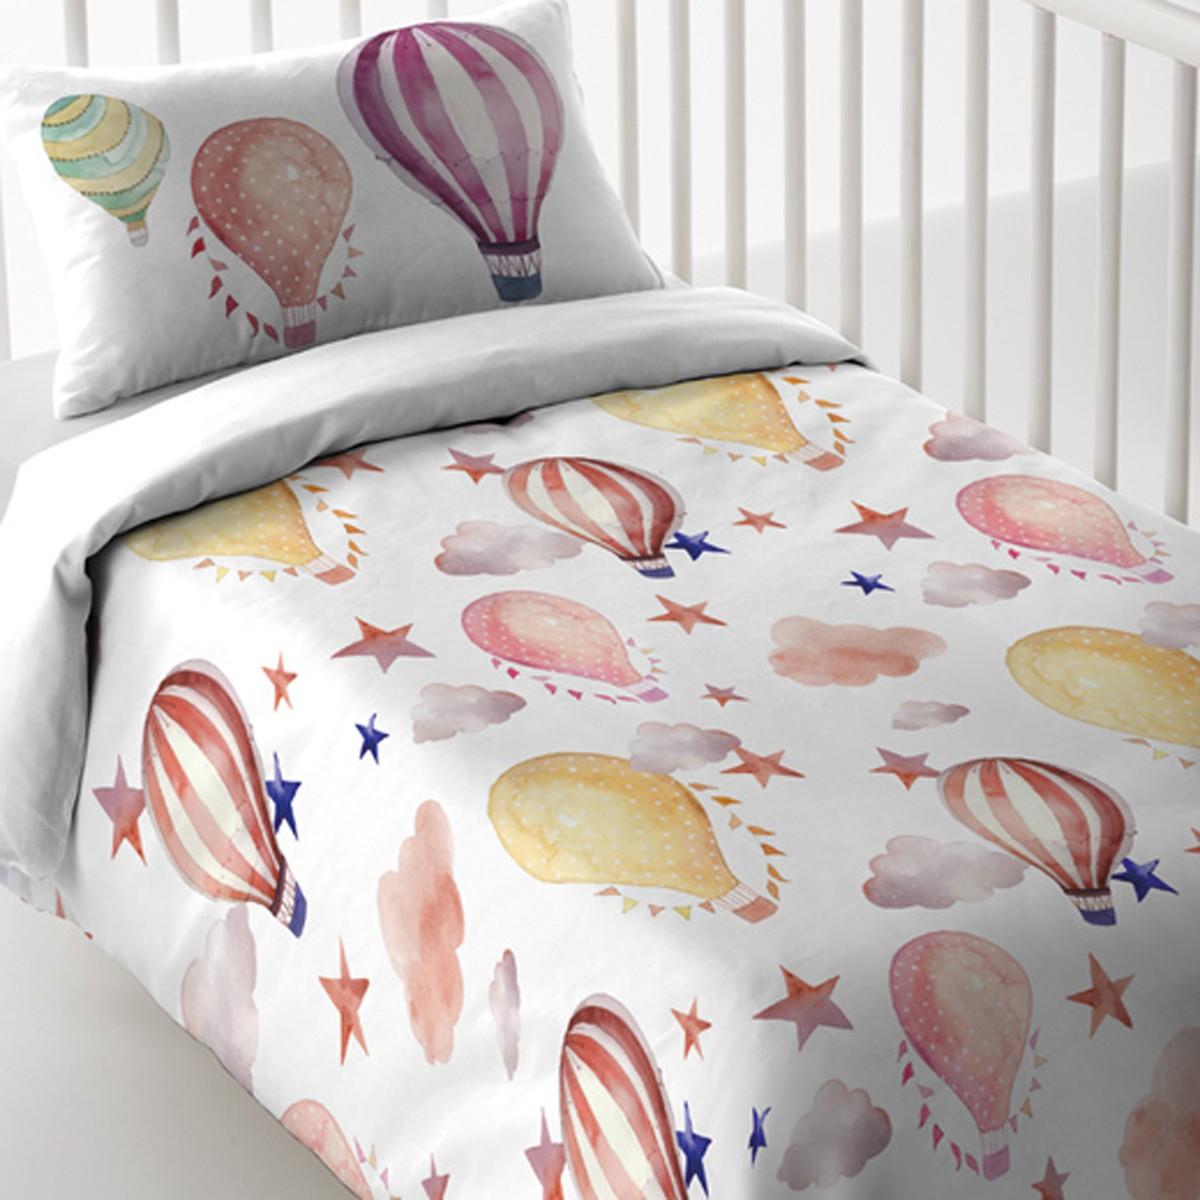 Σεντόνια Κούνιας (Σετ) Vesta Magic Print Baby 2183